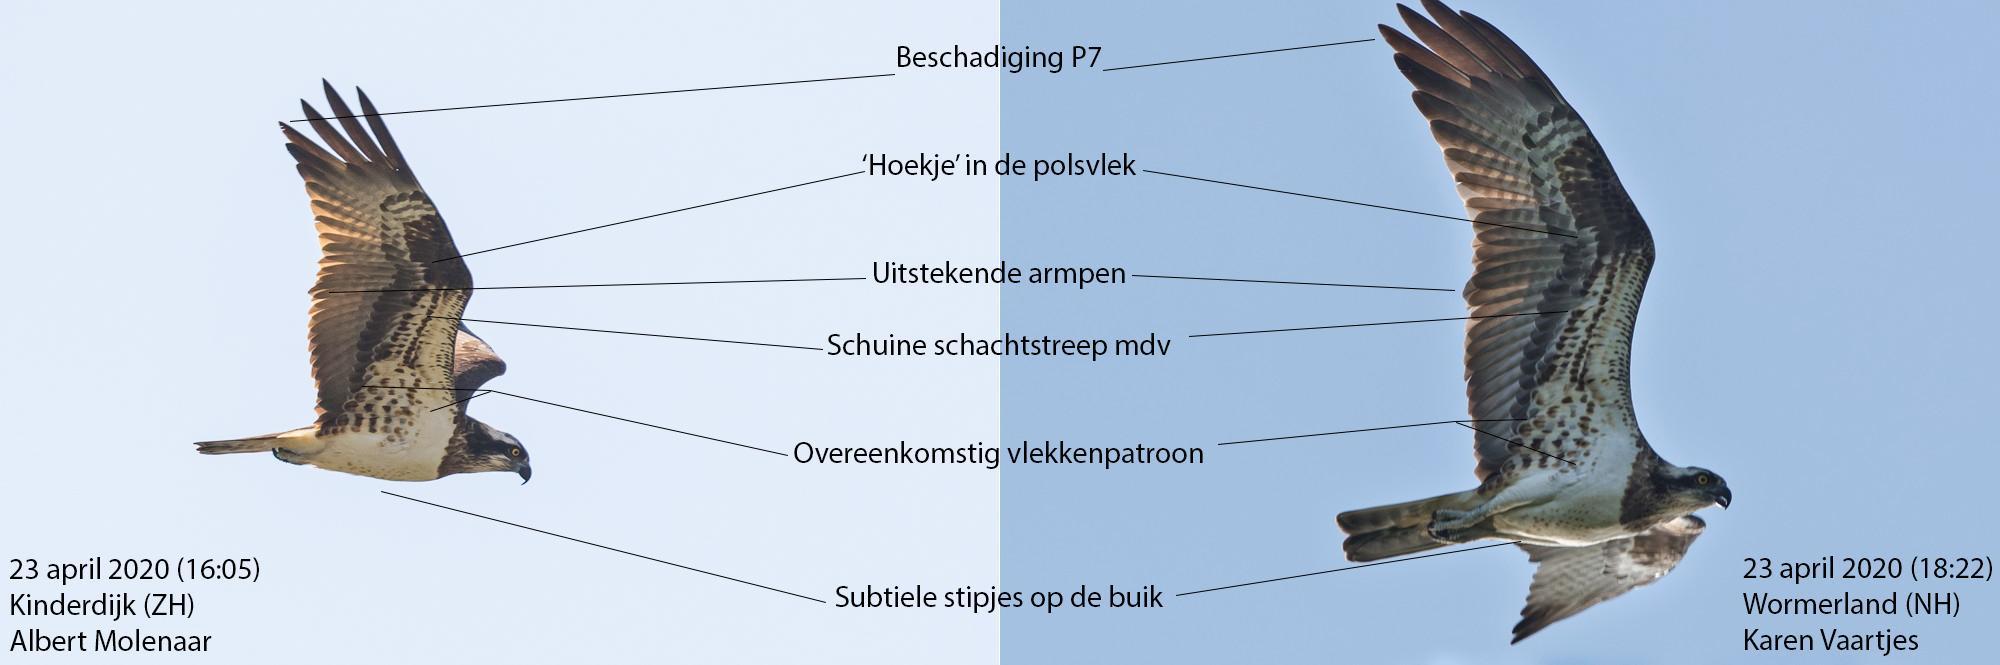 In Wijdewormer worden regelmatig bijzondere vogels gespot; Christian Brinkman (Radboud Universiteit) doet er onderzoek naar via waarnemning.nl